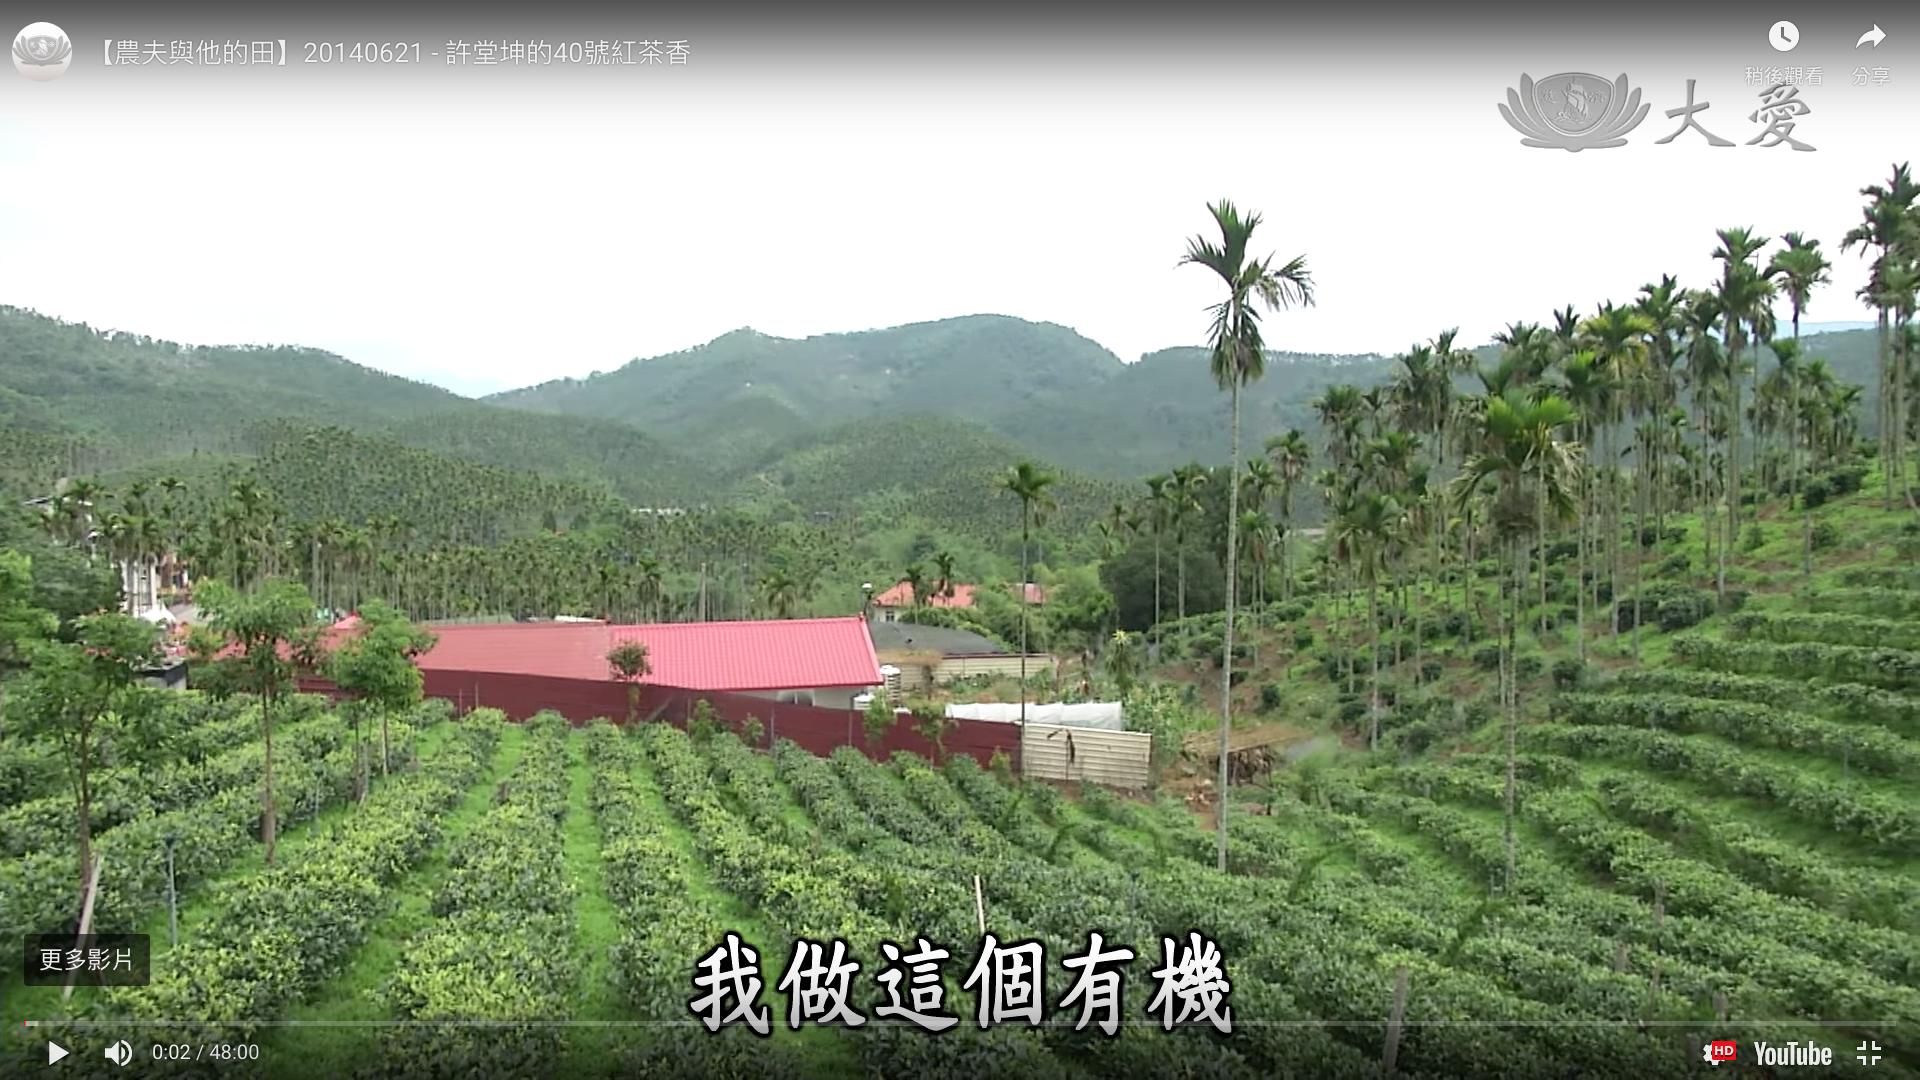 【農夫與他的田】20140621 – 許堂坤的40號紅茶香